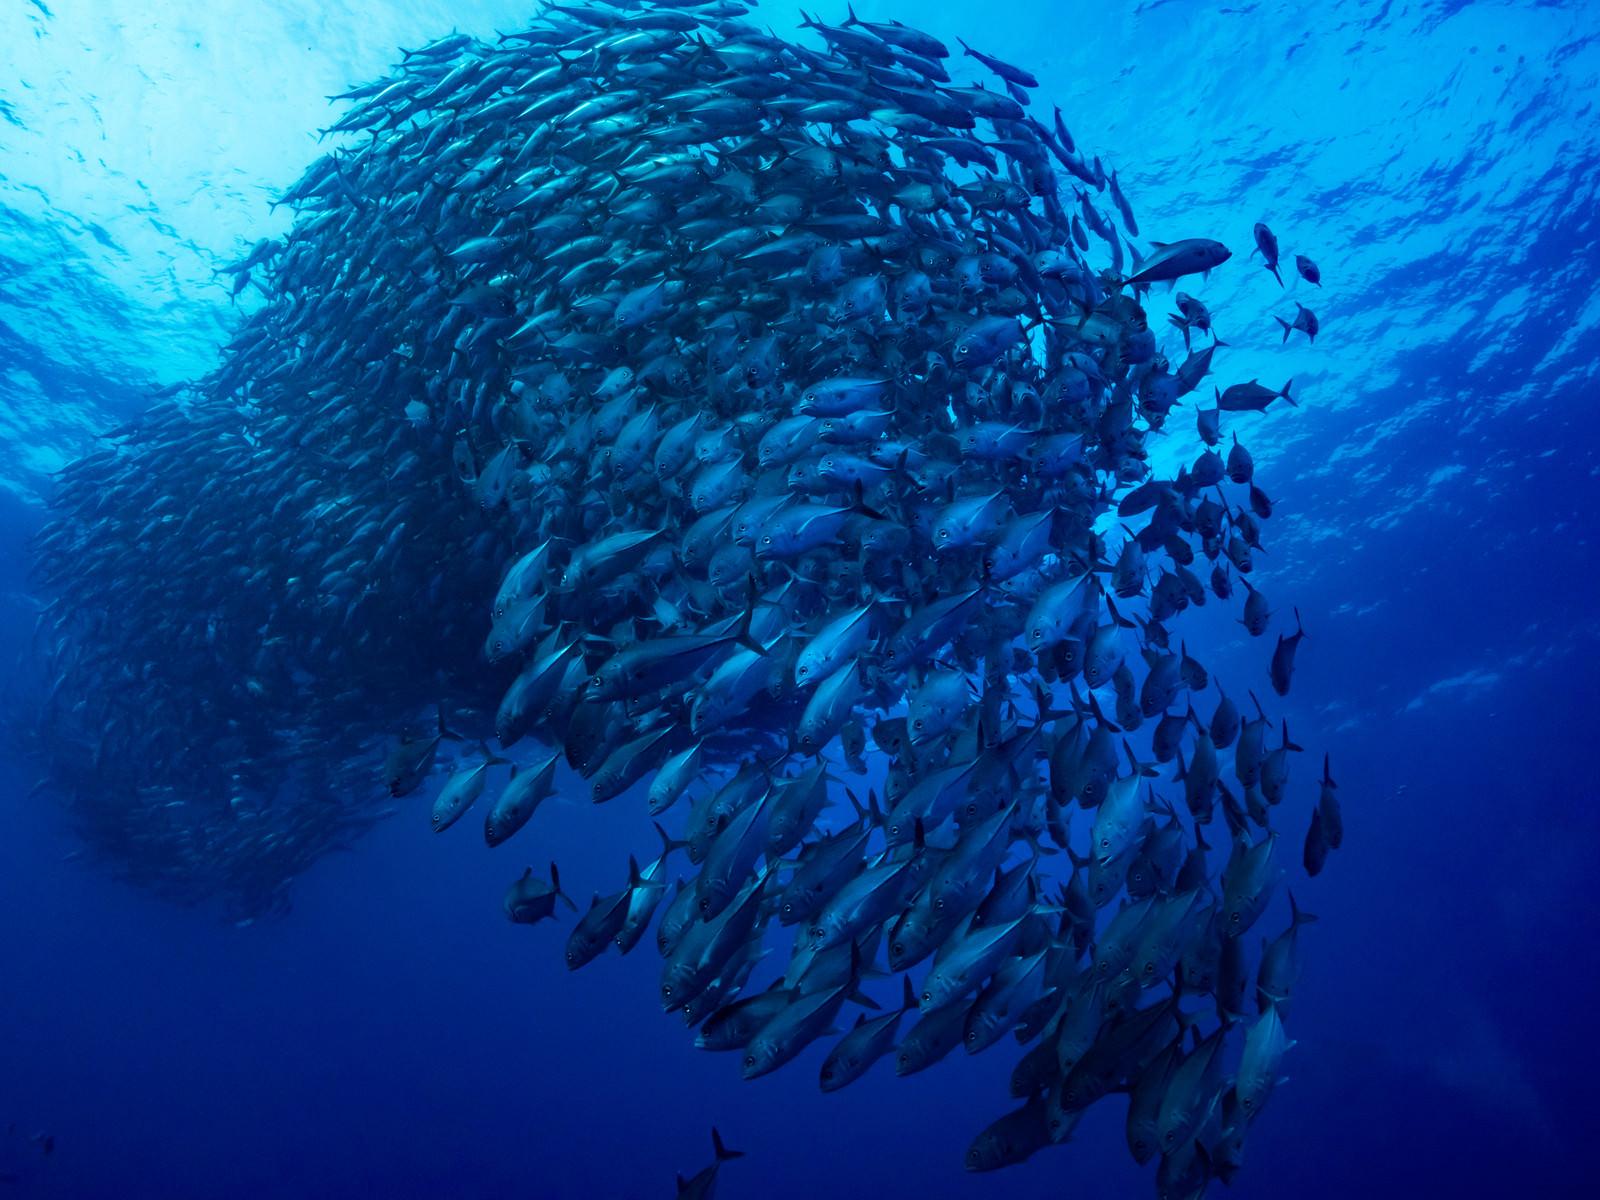 「一塊で泳ぐギンガメアジの魚群」の写真